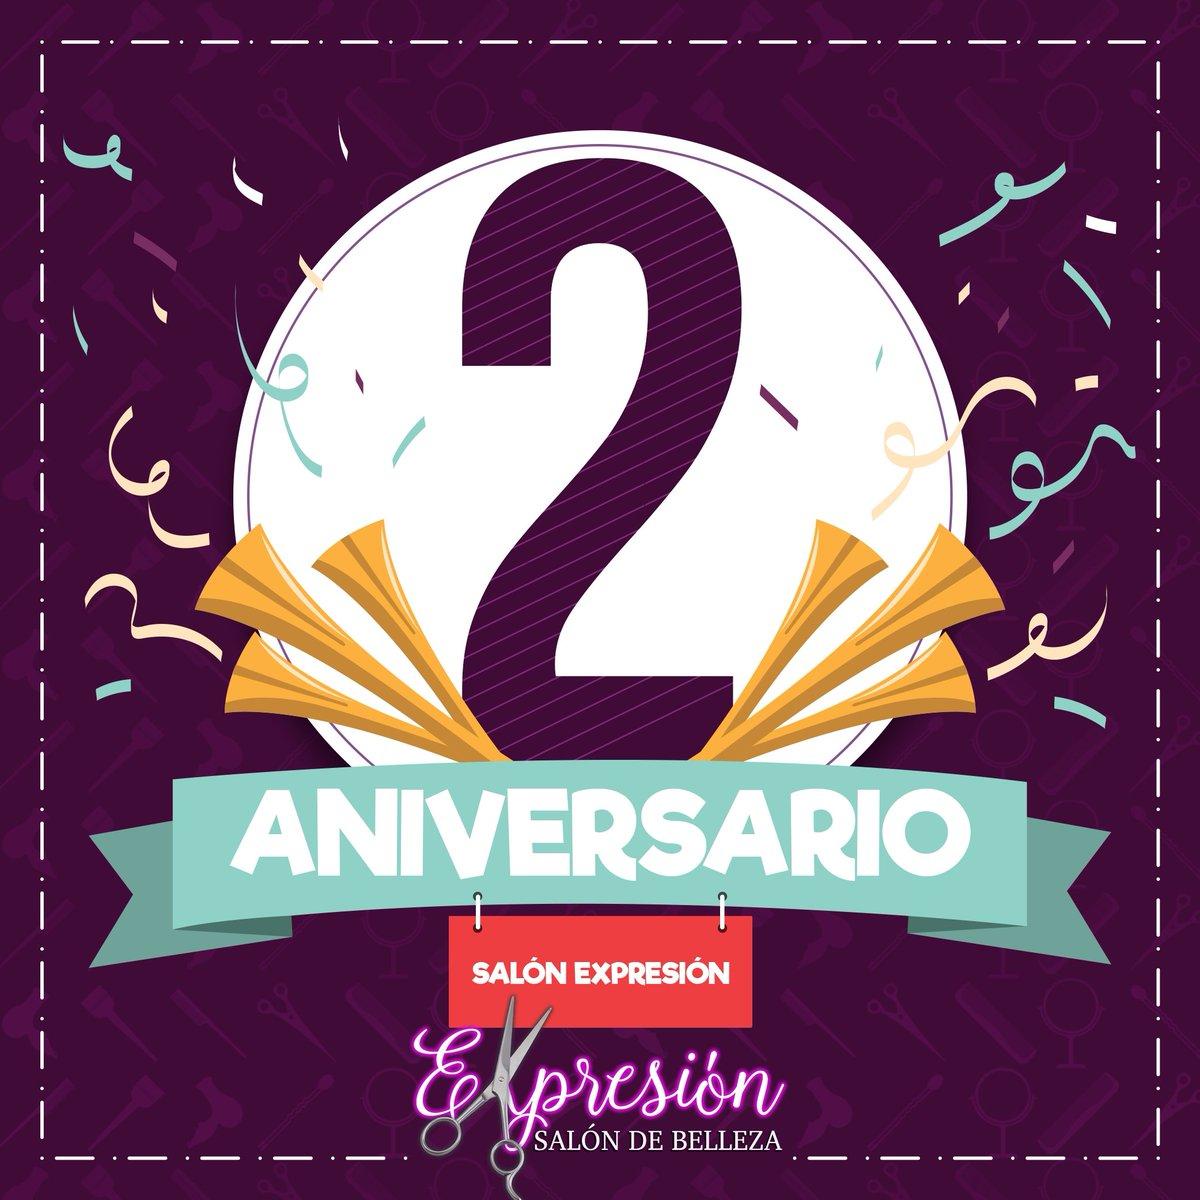 Tiramos la #casa 🏠 por la ventana y festejamos💃🏻🕺🏻 a lo grande nuestro 🎈🥳🎊🎉 #Segundo #Aniversario.🥳🎊🎉🎈 ¡Aprovecha nuestras 🎁 #promociones 🎁! ¡#Reserva Ahora 🕑 Mismo tu #cita📝! https://t.co/8QLVdeXeRg